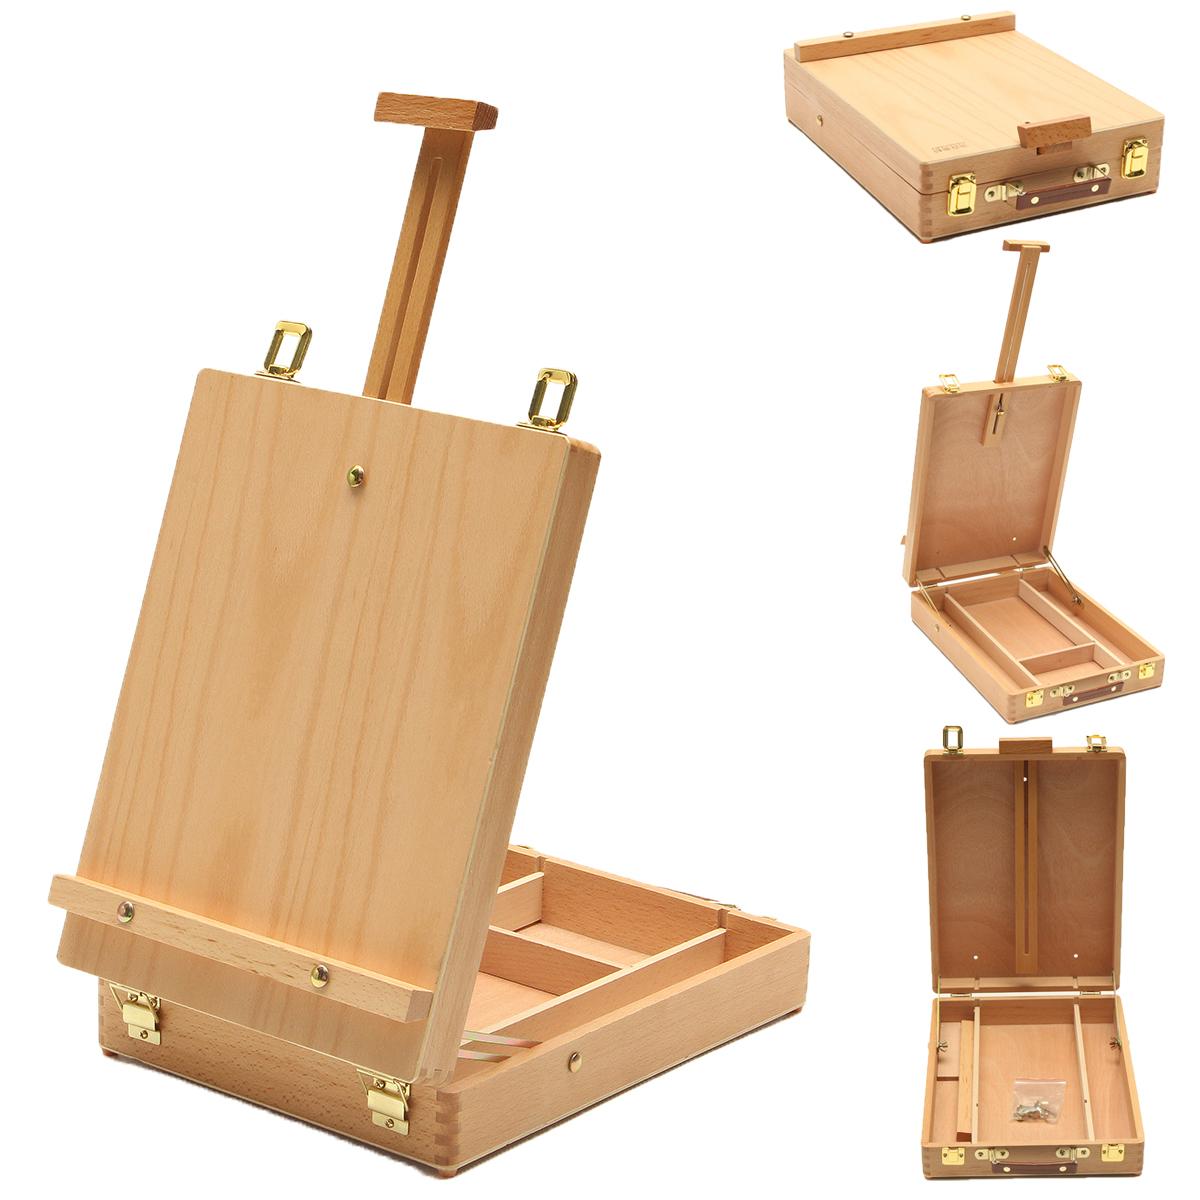 [해외]휴대용 이젤 나무 상자 아트 그림 그리기 테이블 상자 다기능 페인트 상자 가방 데스크탑 통합 상자 아트 용품/Portable Easel Wooden Box Art Drawing Painting Table Box Multifunctional Paint box Su